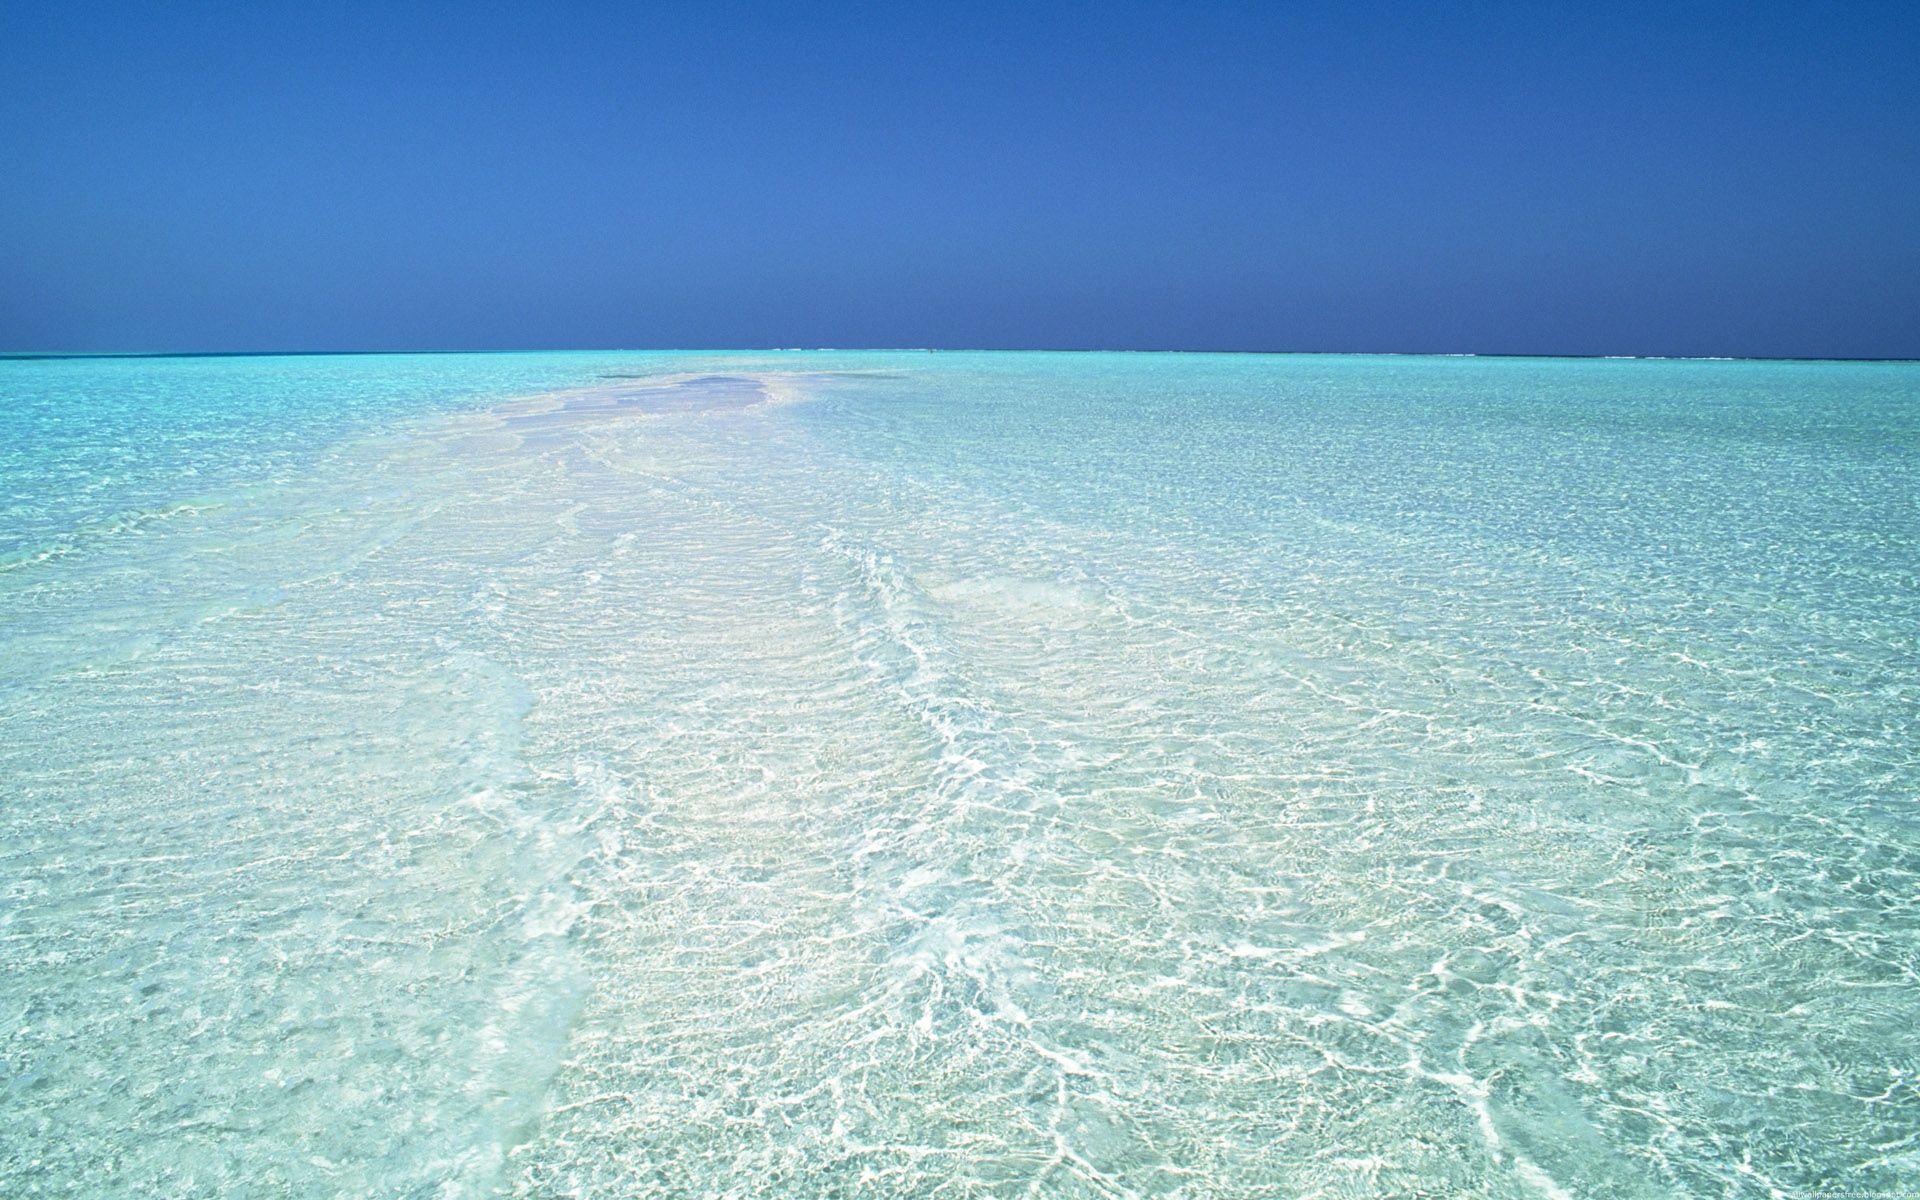 fondos de mar transparente - photo #43